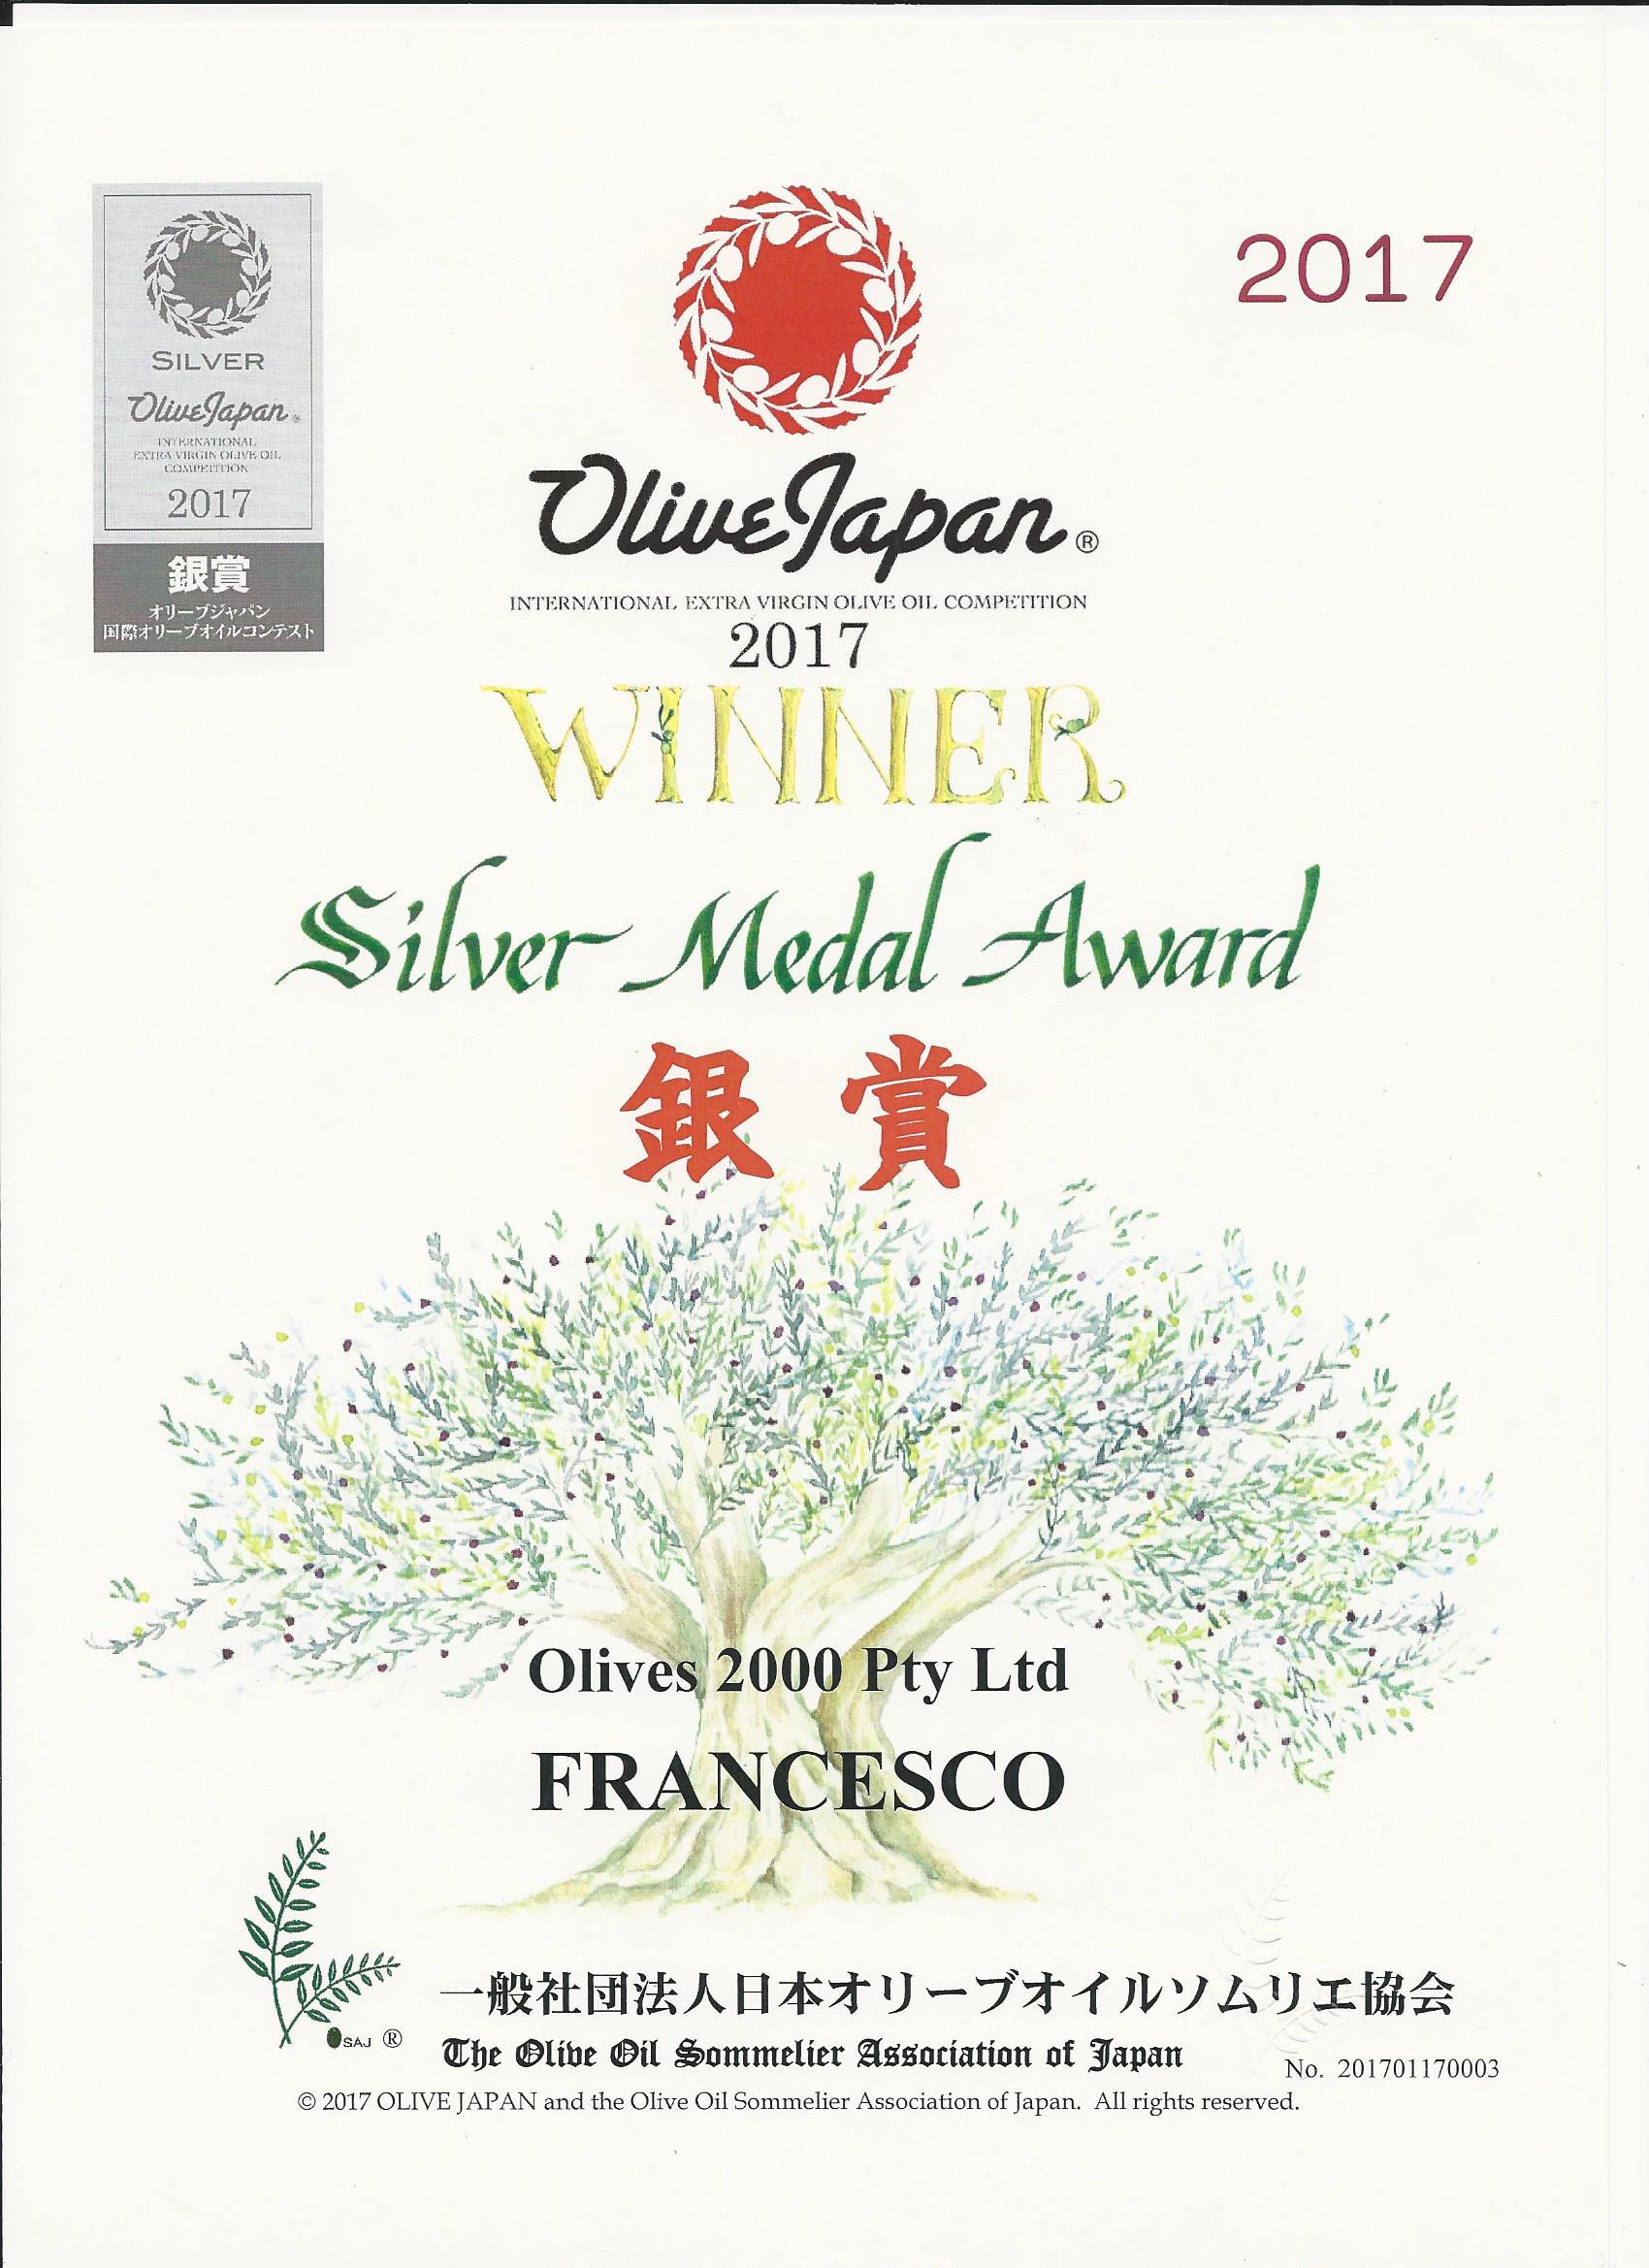 OliveJapan award